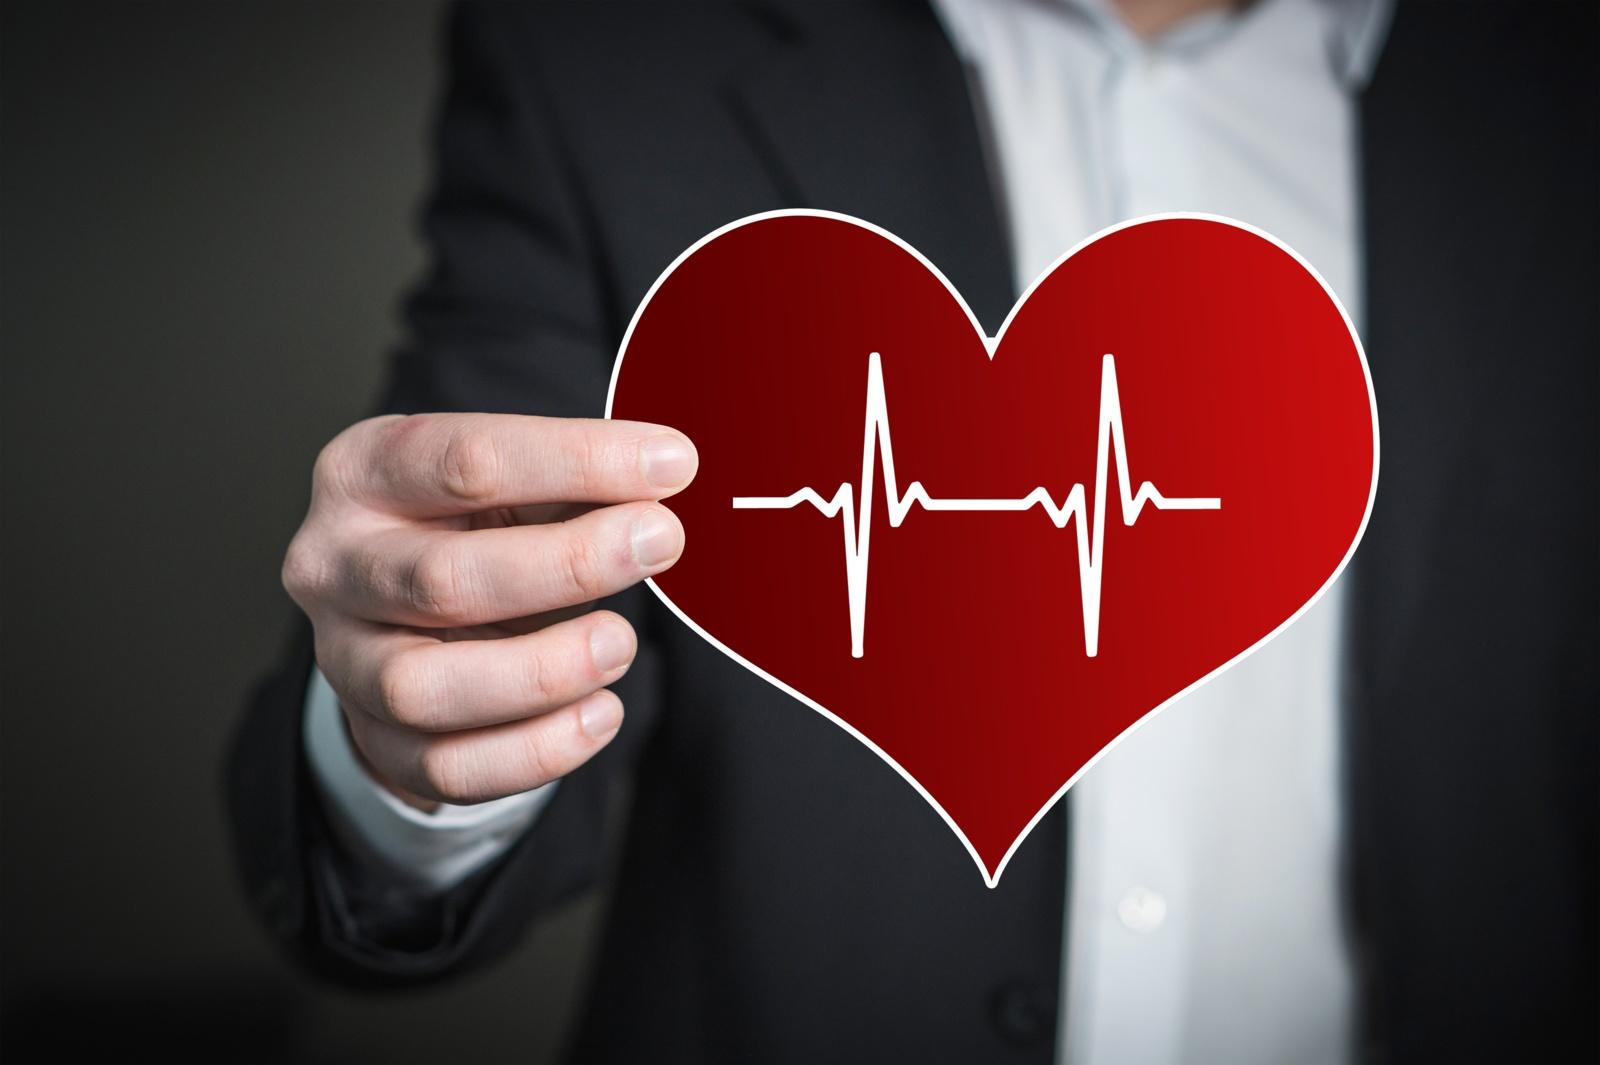 skausmas su hipertenzija ar įmanoma panaikinti 1 laipsnio hipertenzijos diagnozę